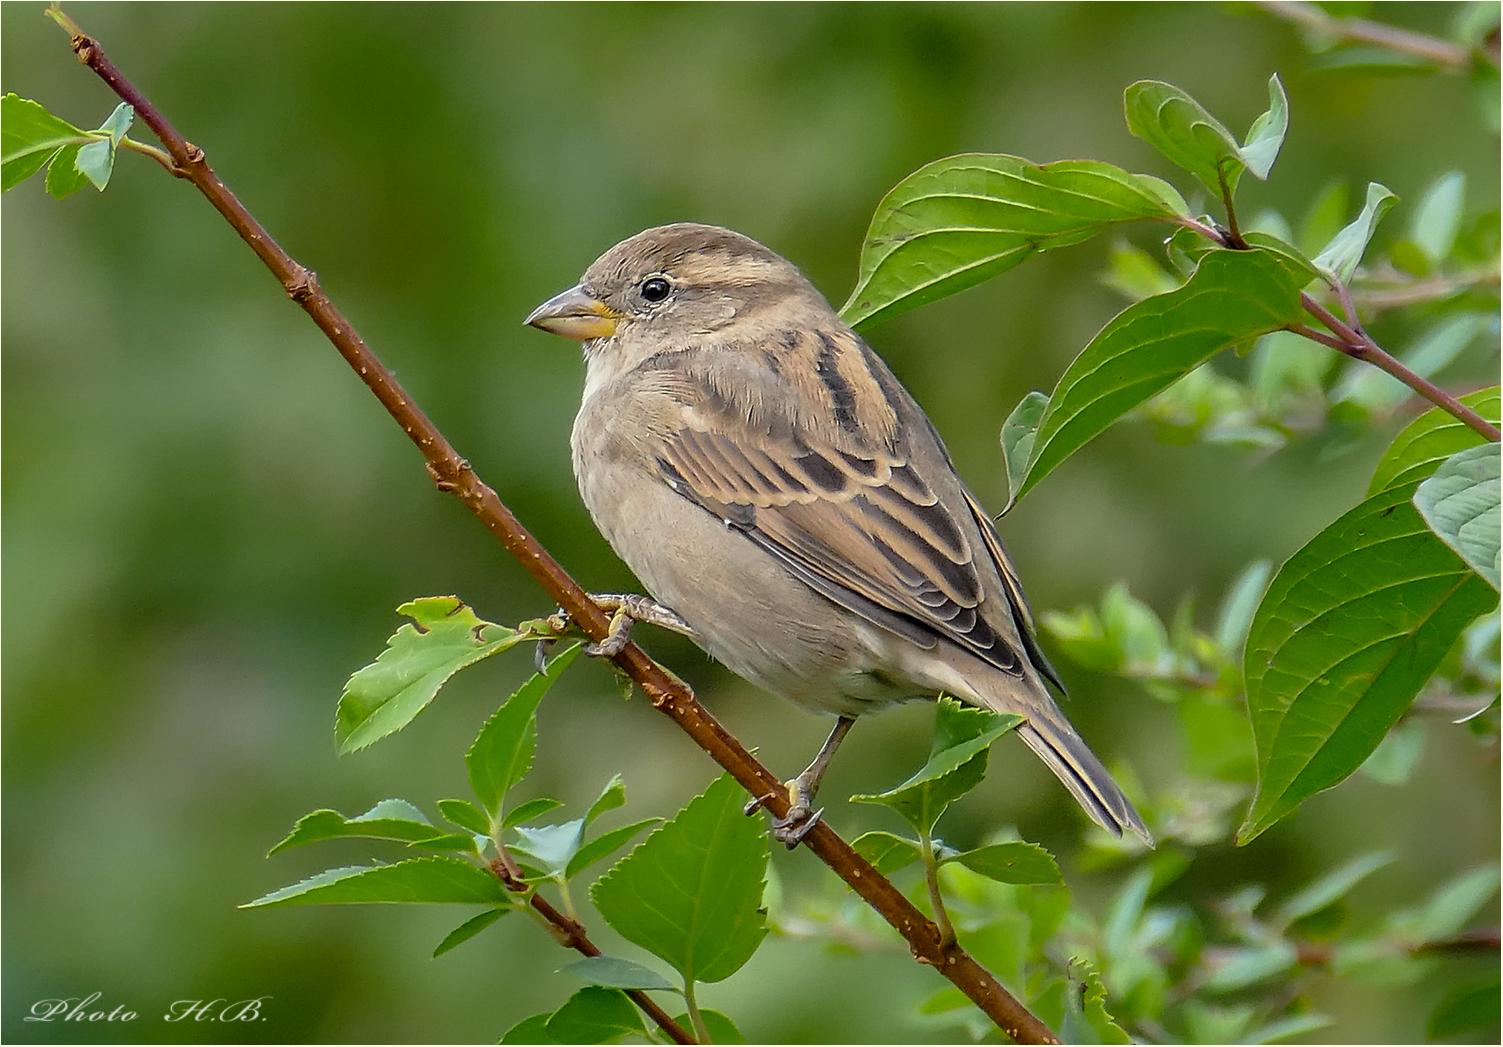 Ein kleiner Sperling